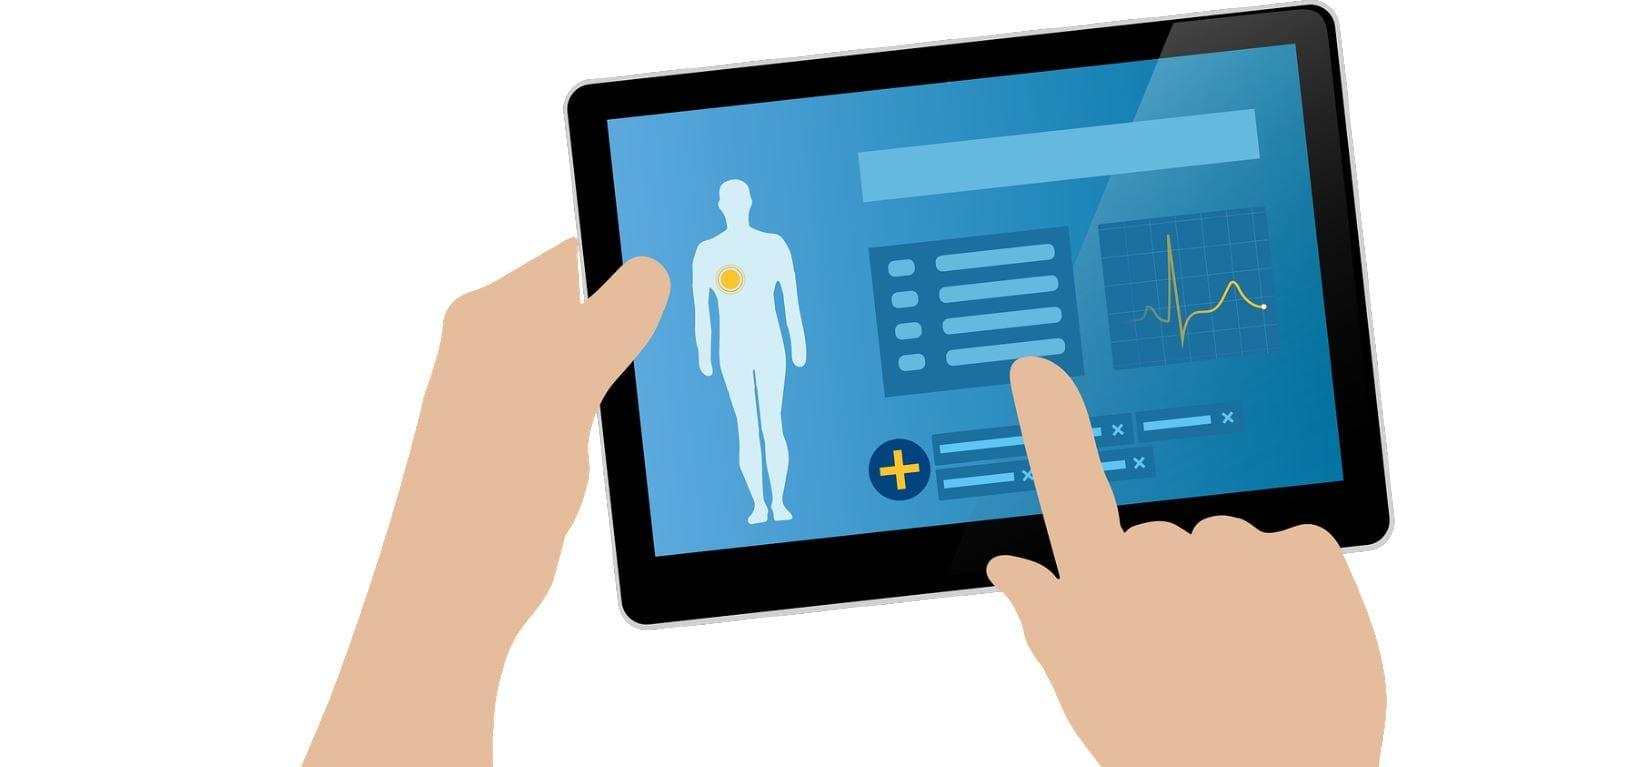 רפואה מרחוק – איזה בדיקות וטיפולים תוכלו לקבל בלי לצאת מהבית?